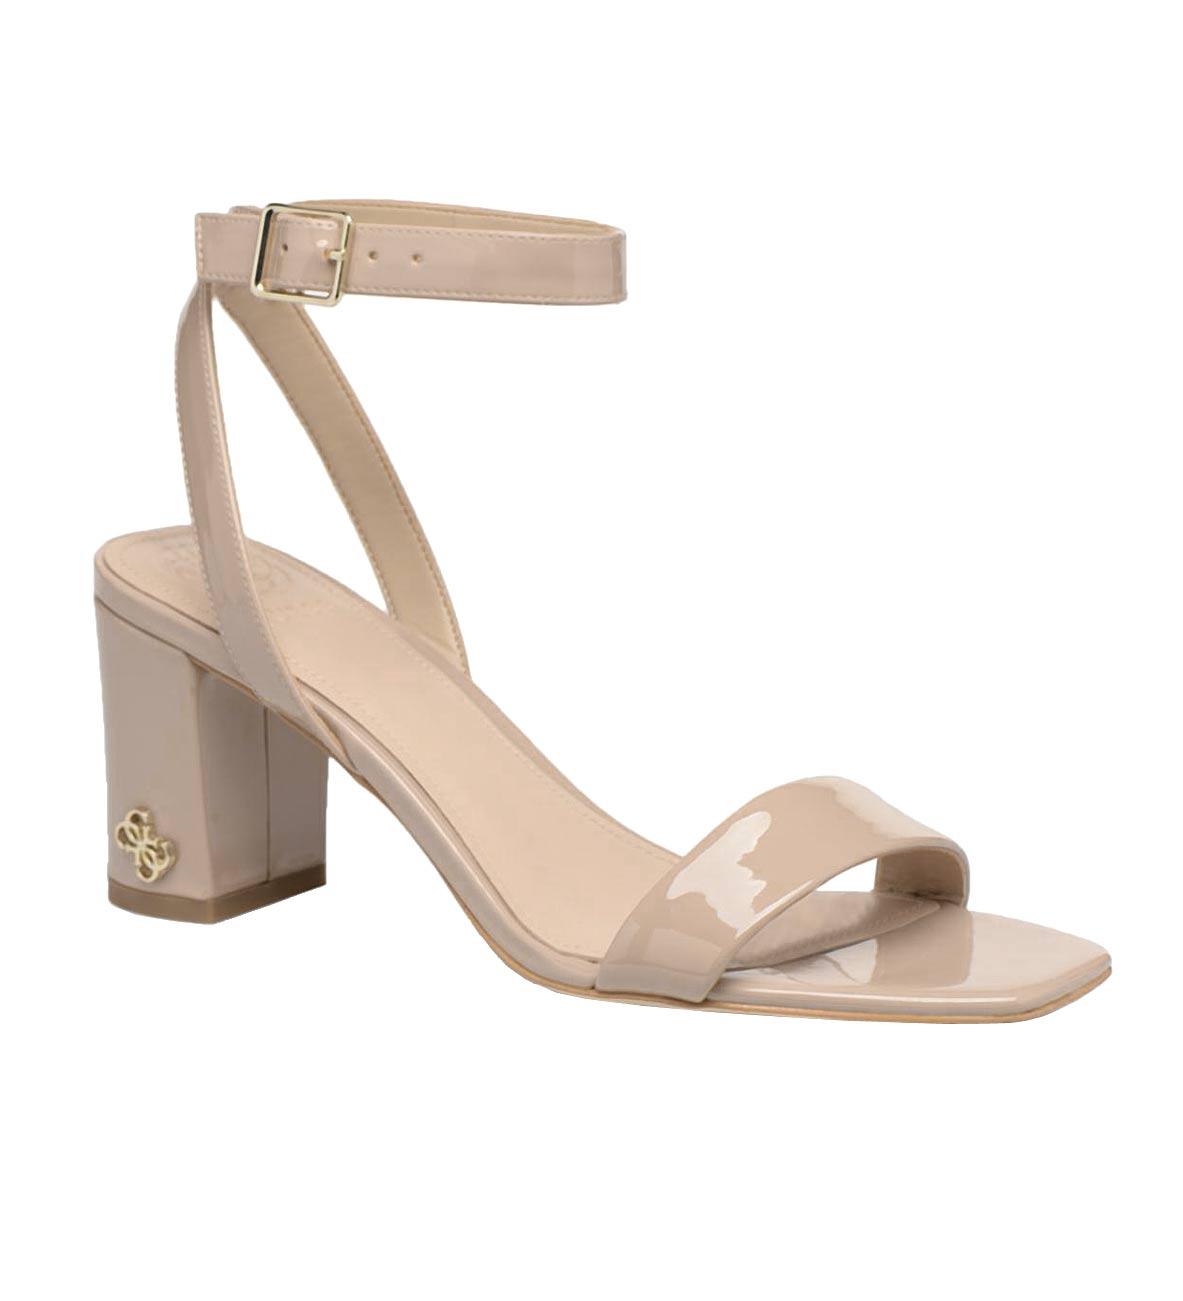 692.799 GUESS Sandalette, beige